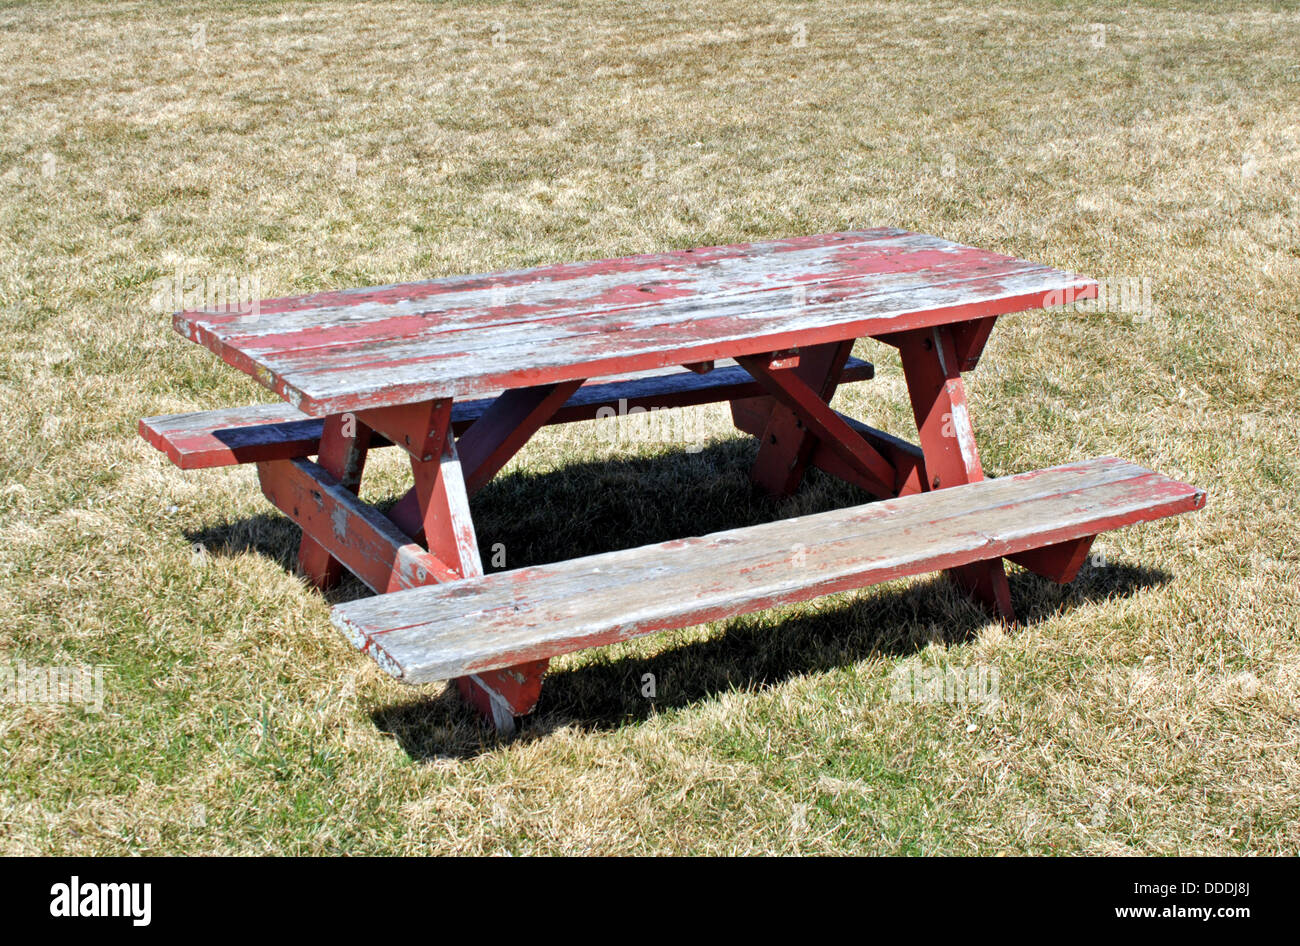 Bench Table Garden Wooden Country Furniture Bench Stockfotos & Bench ...